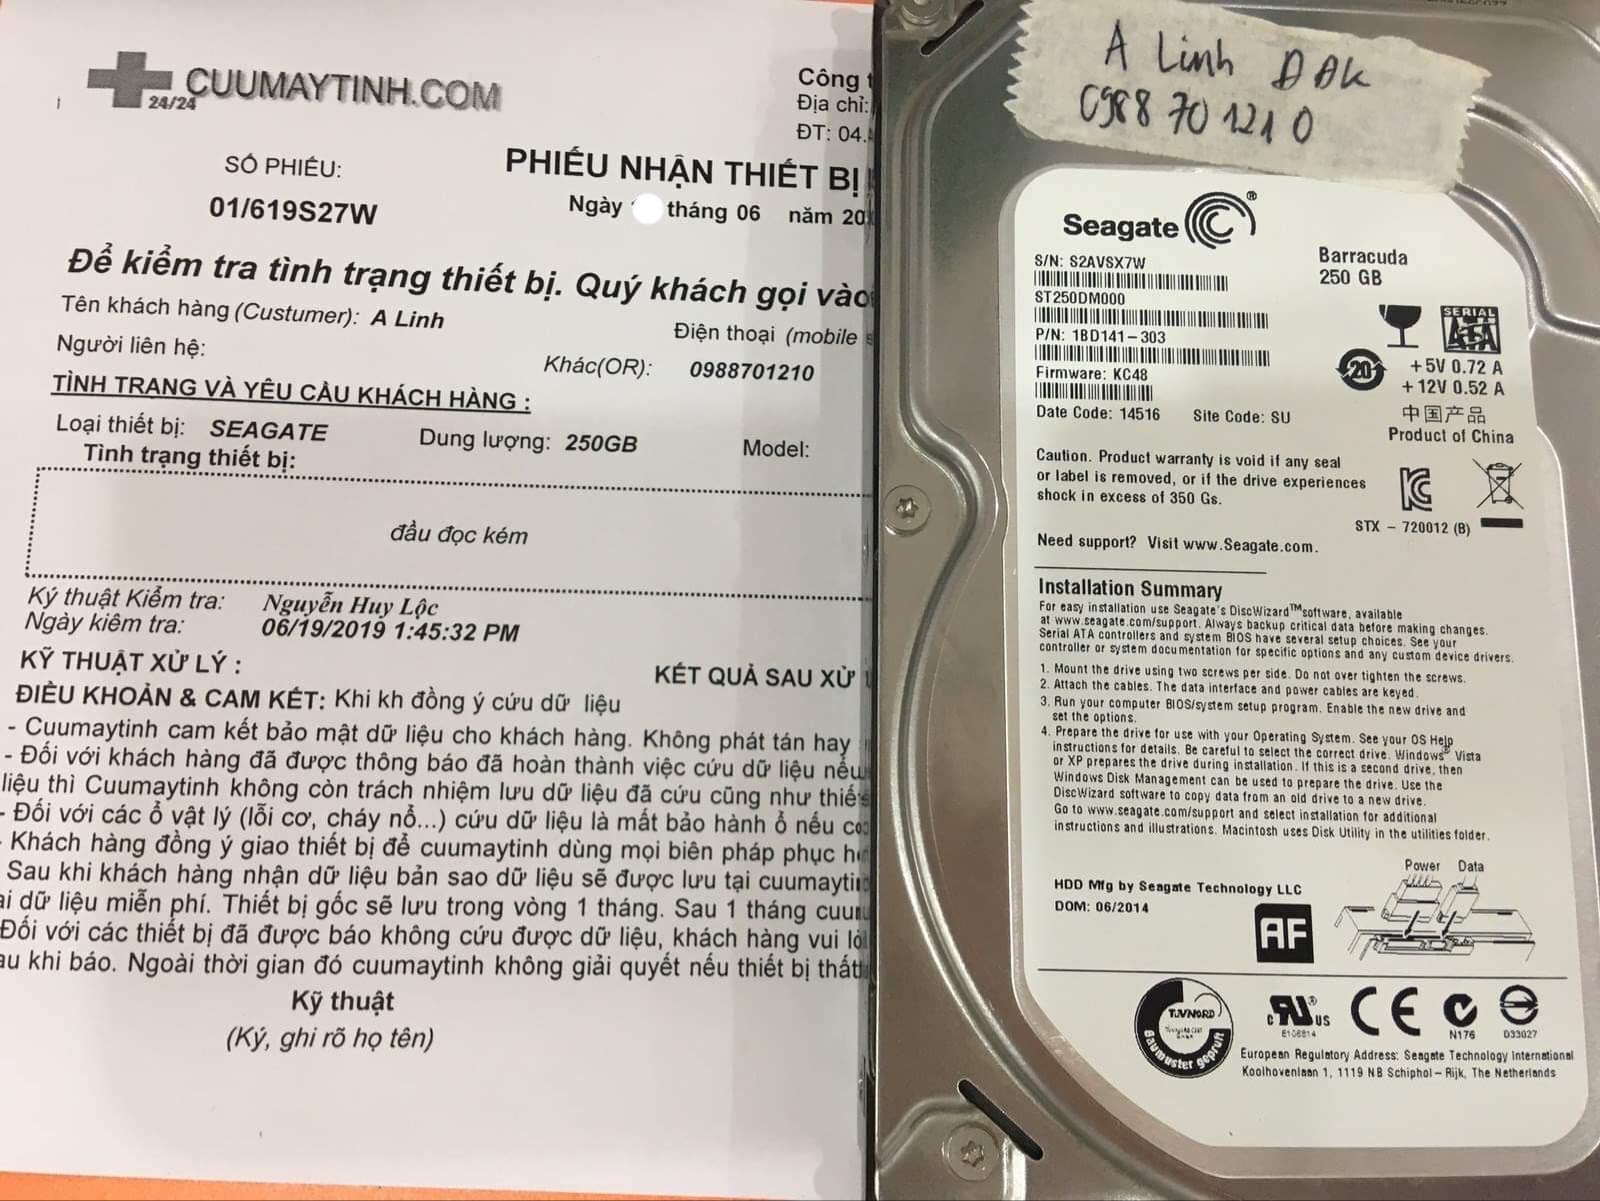 Cứu dữ liệu ổ cứng Seagate 250GB đầu đọc kém 21/06/2019 - cuumaytinh